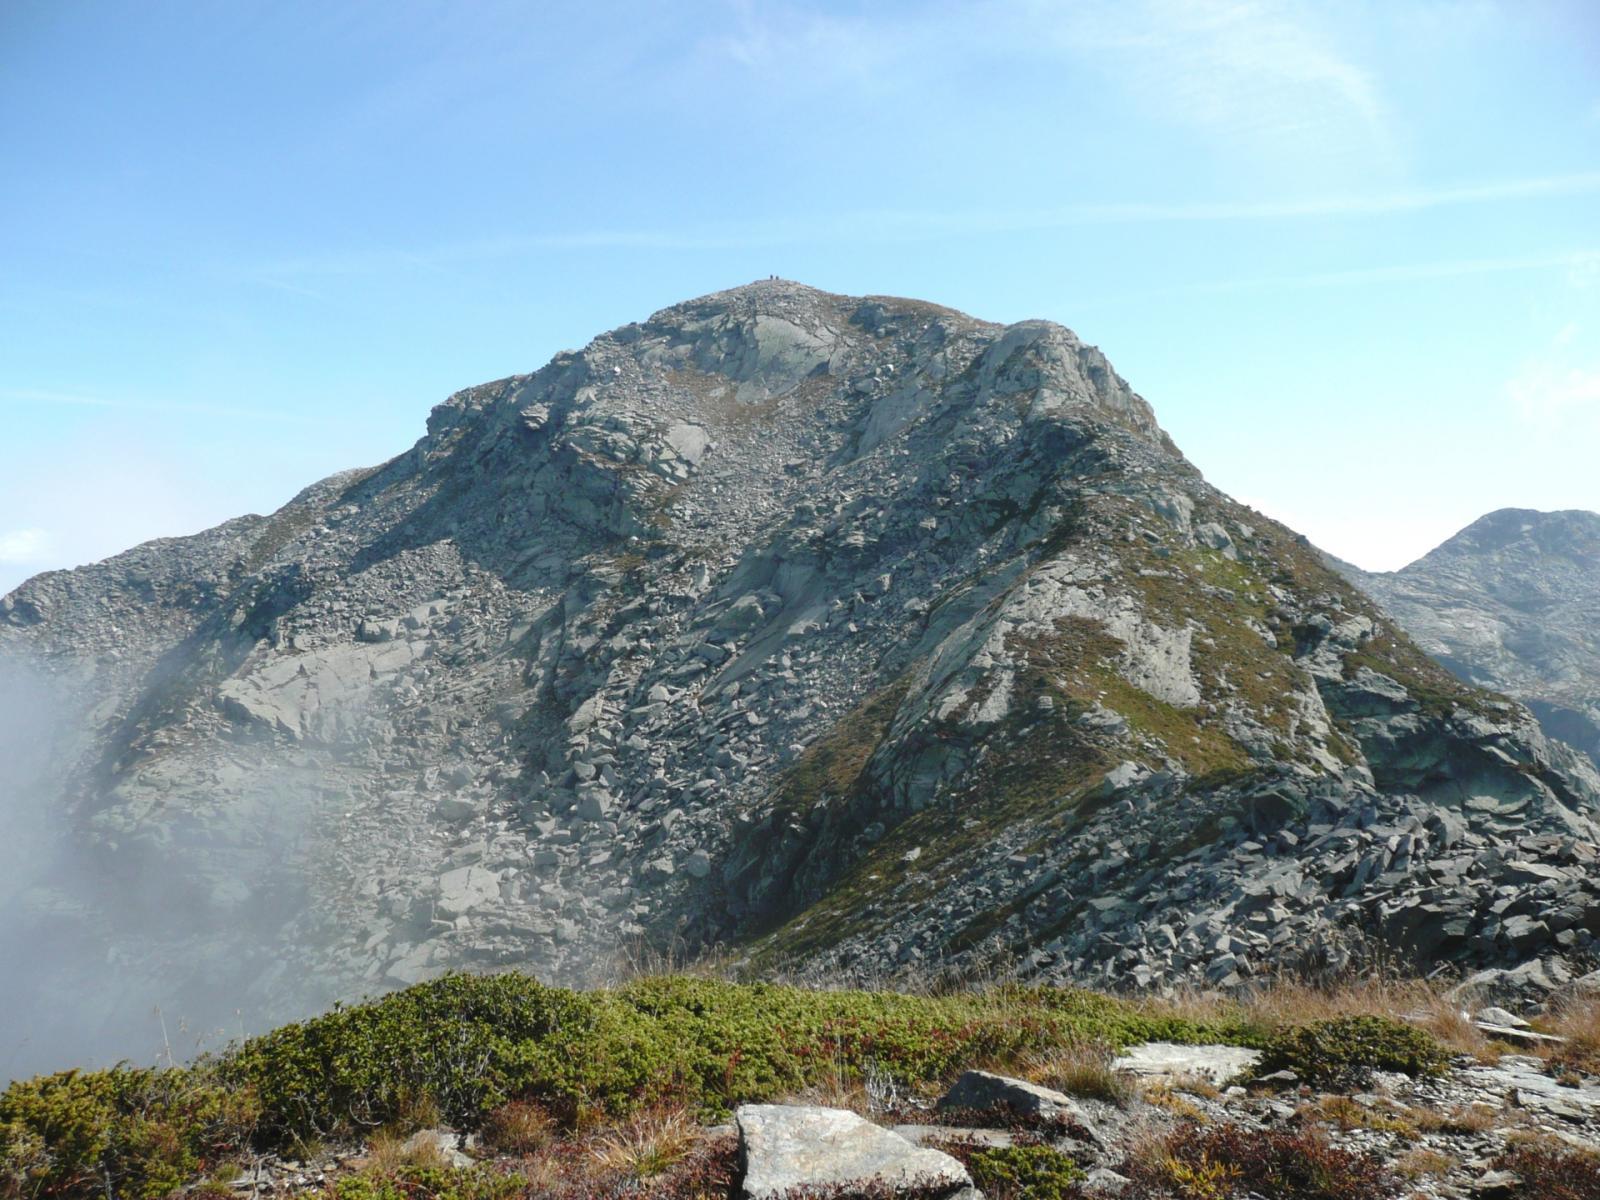 ma la vera cima topografica (il Grande Lej Long), con i caratteristici ometti, è ancora lontana